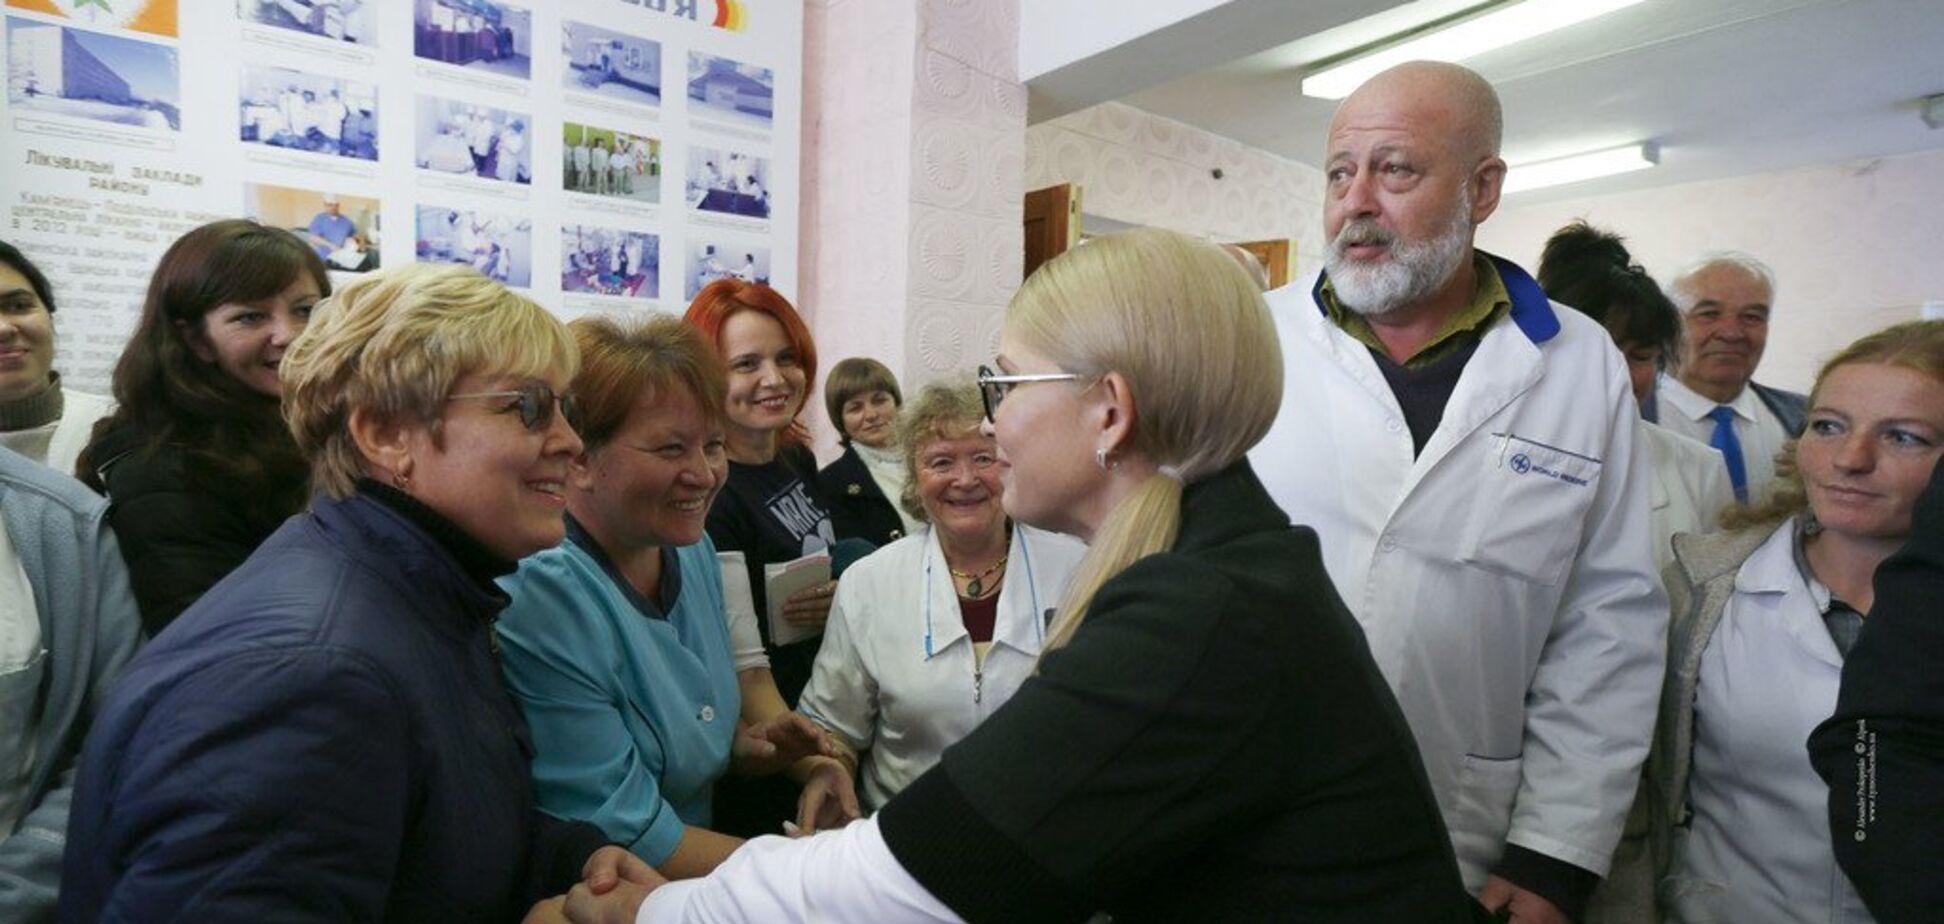 Якісна і доступна медицина для пацієнтів, гідні зарплати для лікарів — Тимошенко про концепцію медреформи